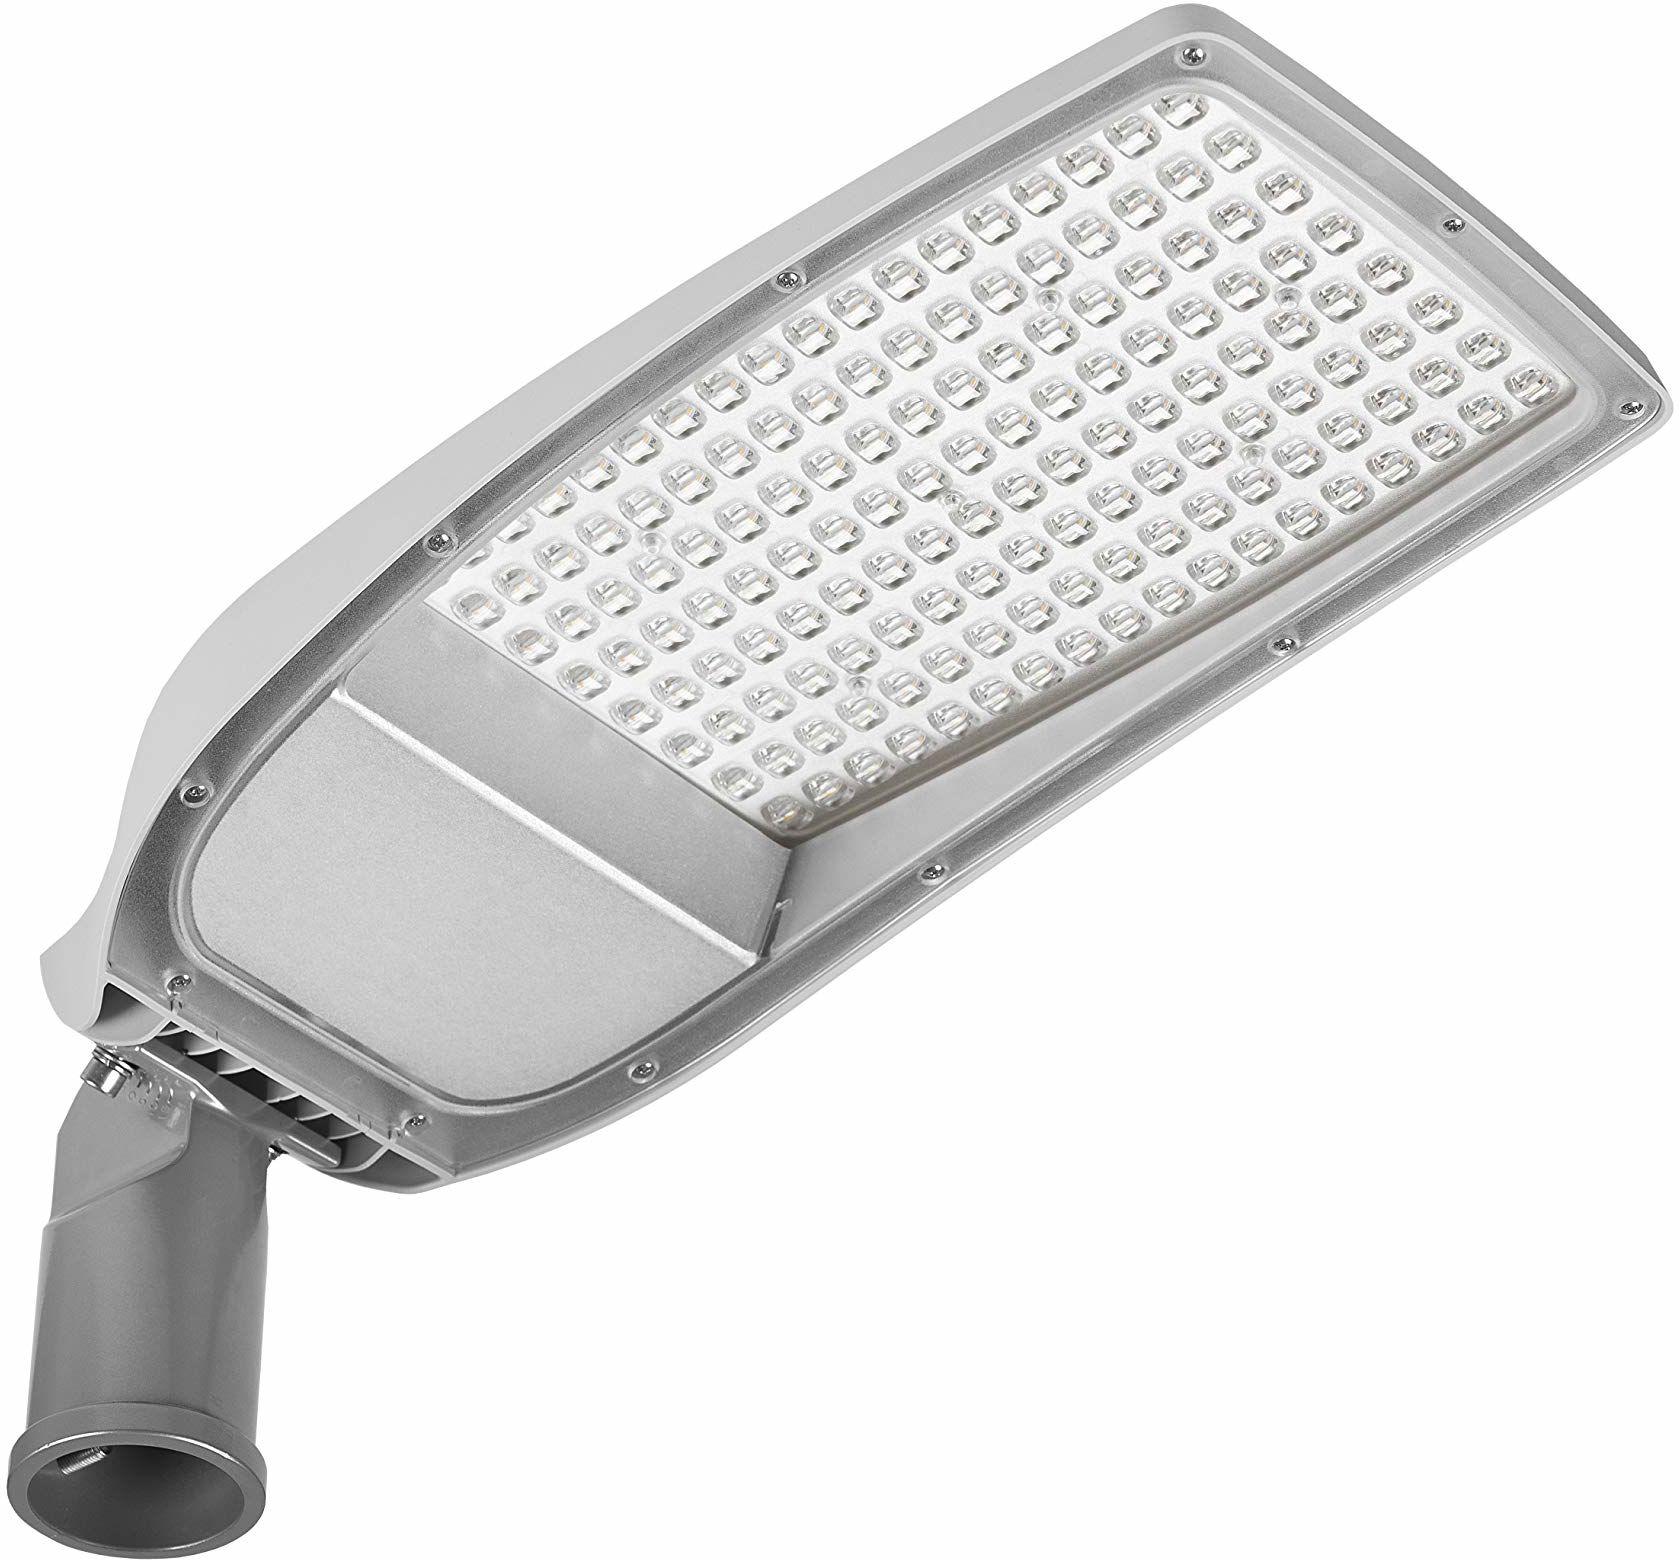 GALTA LED lampa uliczna, oprawa, 6800 lm, 4000 K, Ra>80, IP66 I kl. PRZEWÓD 0,2m SP10kV 64W